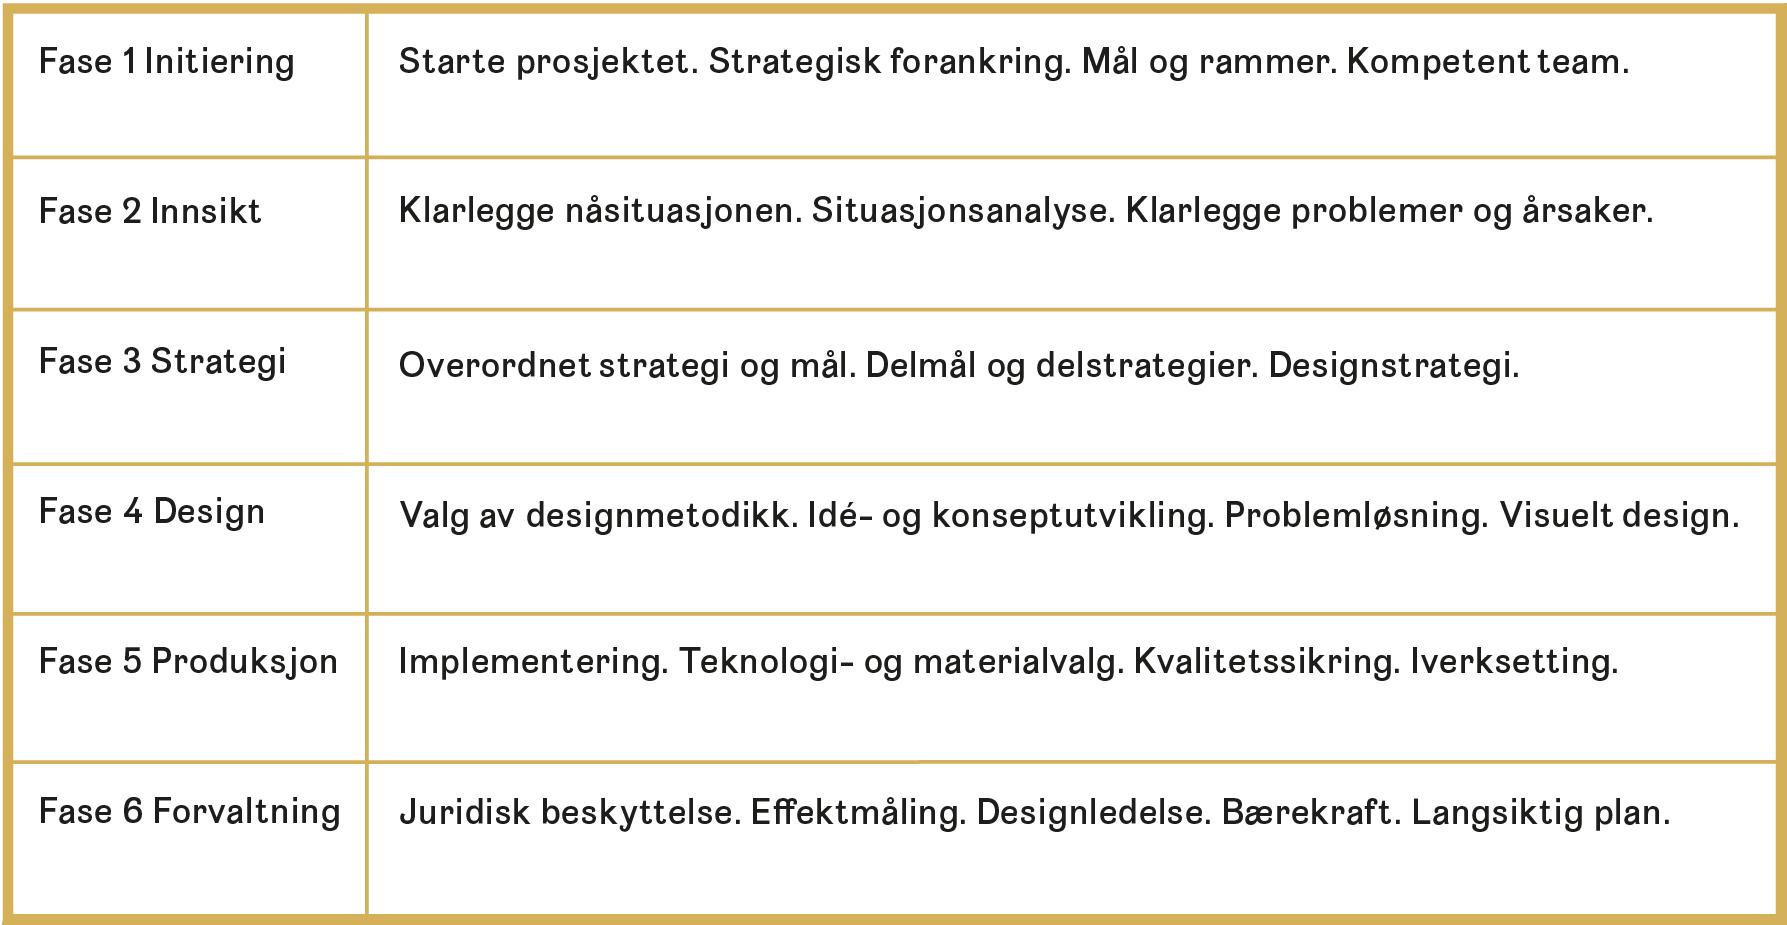 Tabellen viser en strategisk designprosess i seks faser med eksempel på nøkkelfaktorer som er relevante for merkeutvikling. Det er nødvendig å gå frem og tilbake mellom fasene for å knytte innsikt, strategi og design sammen og til en helhet.